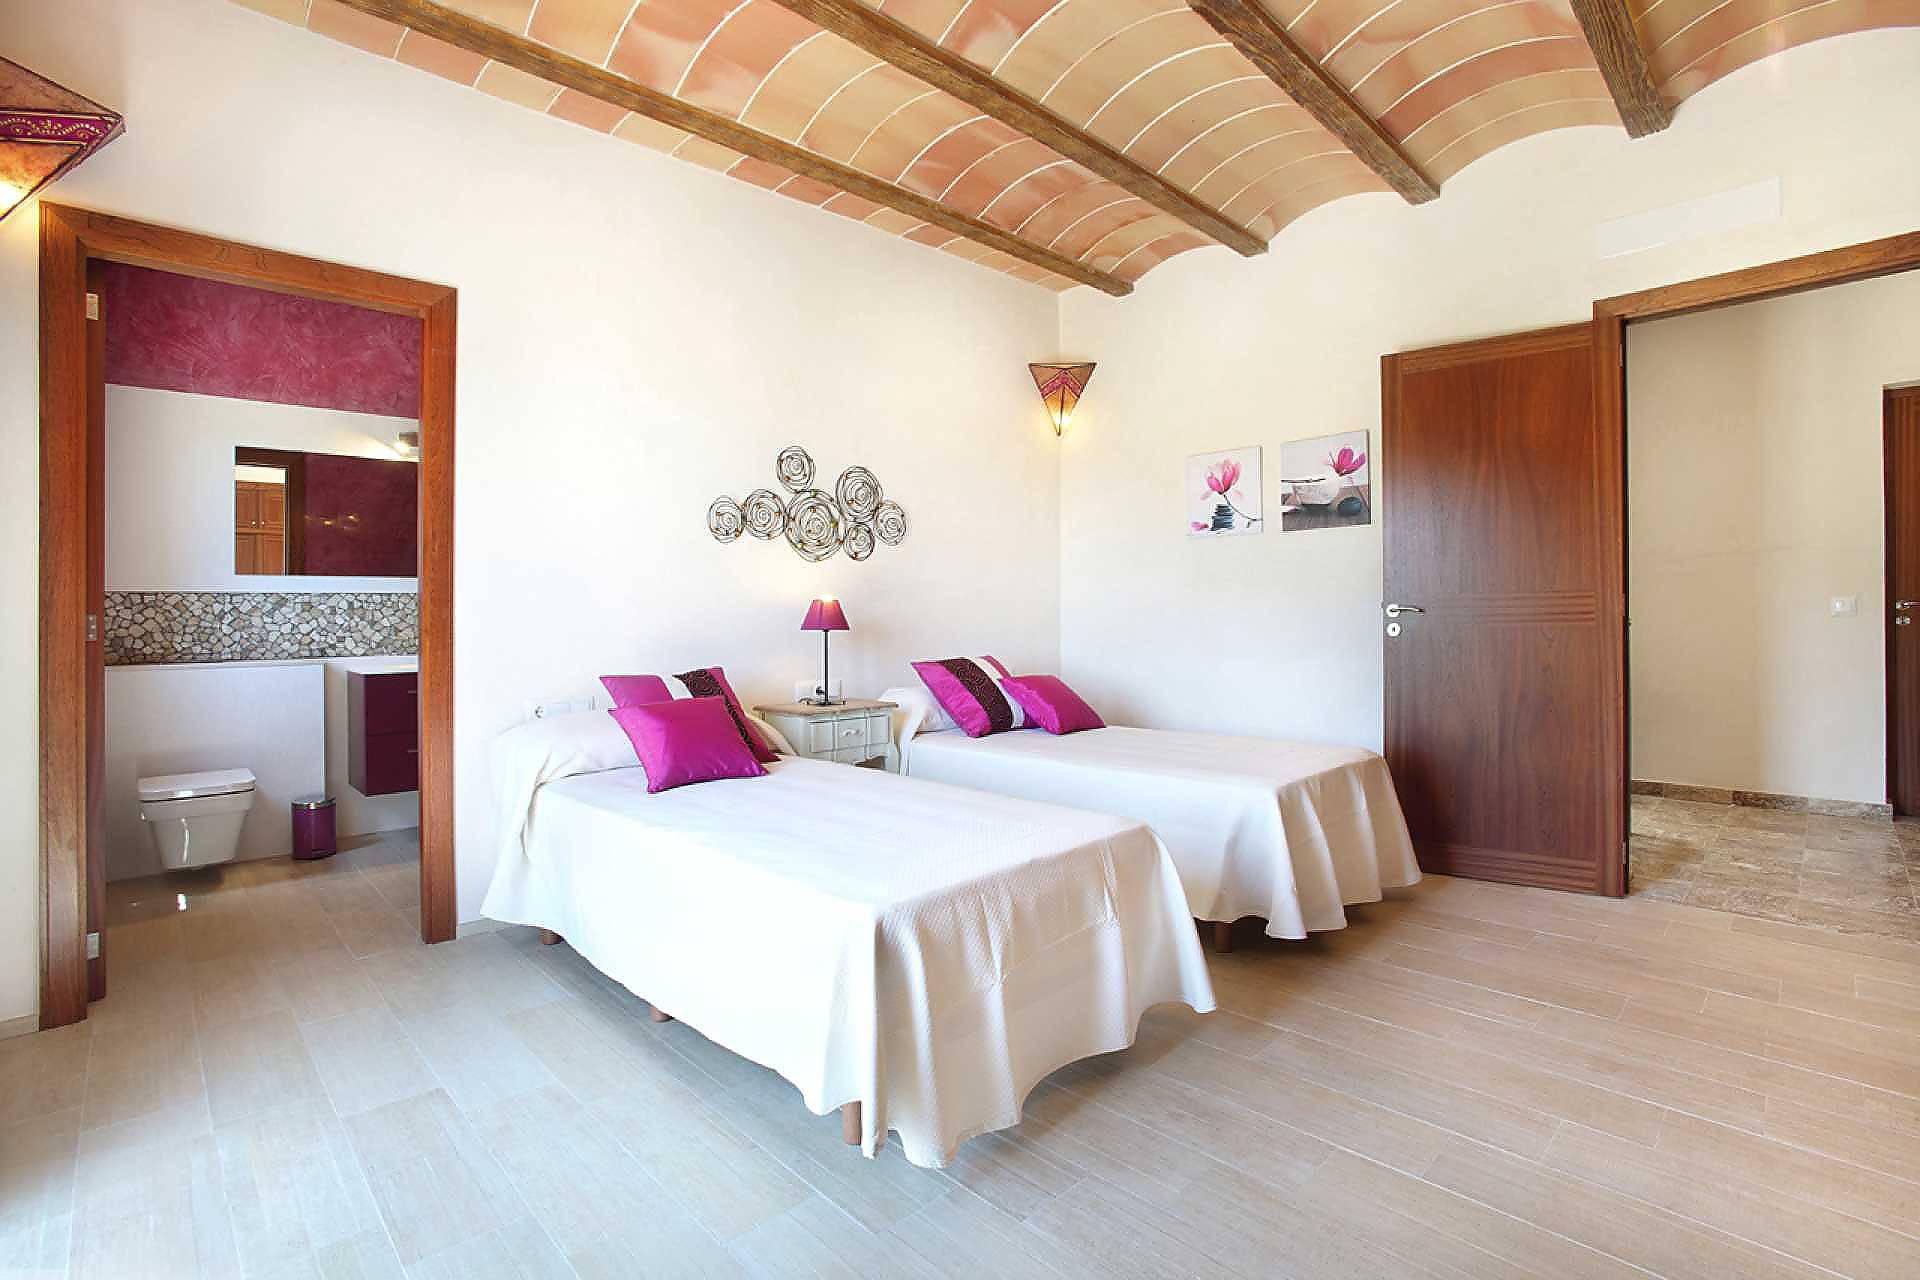 01-45 Exklusive Finca Mallorca Osten Bild 41